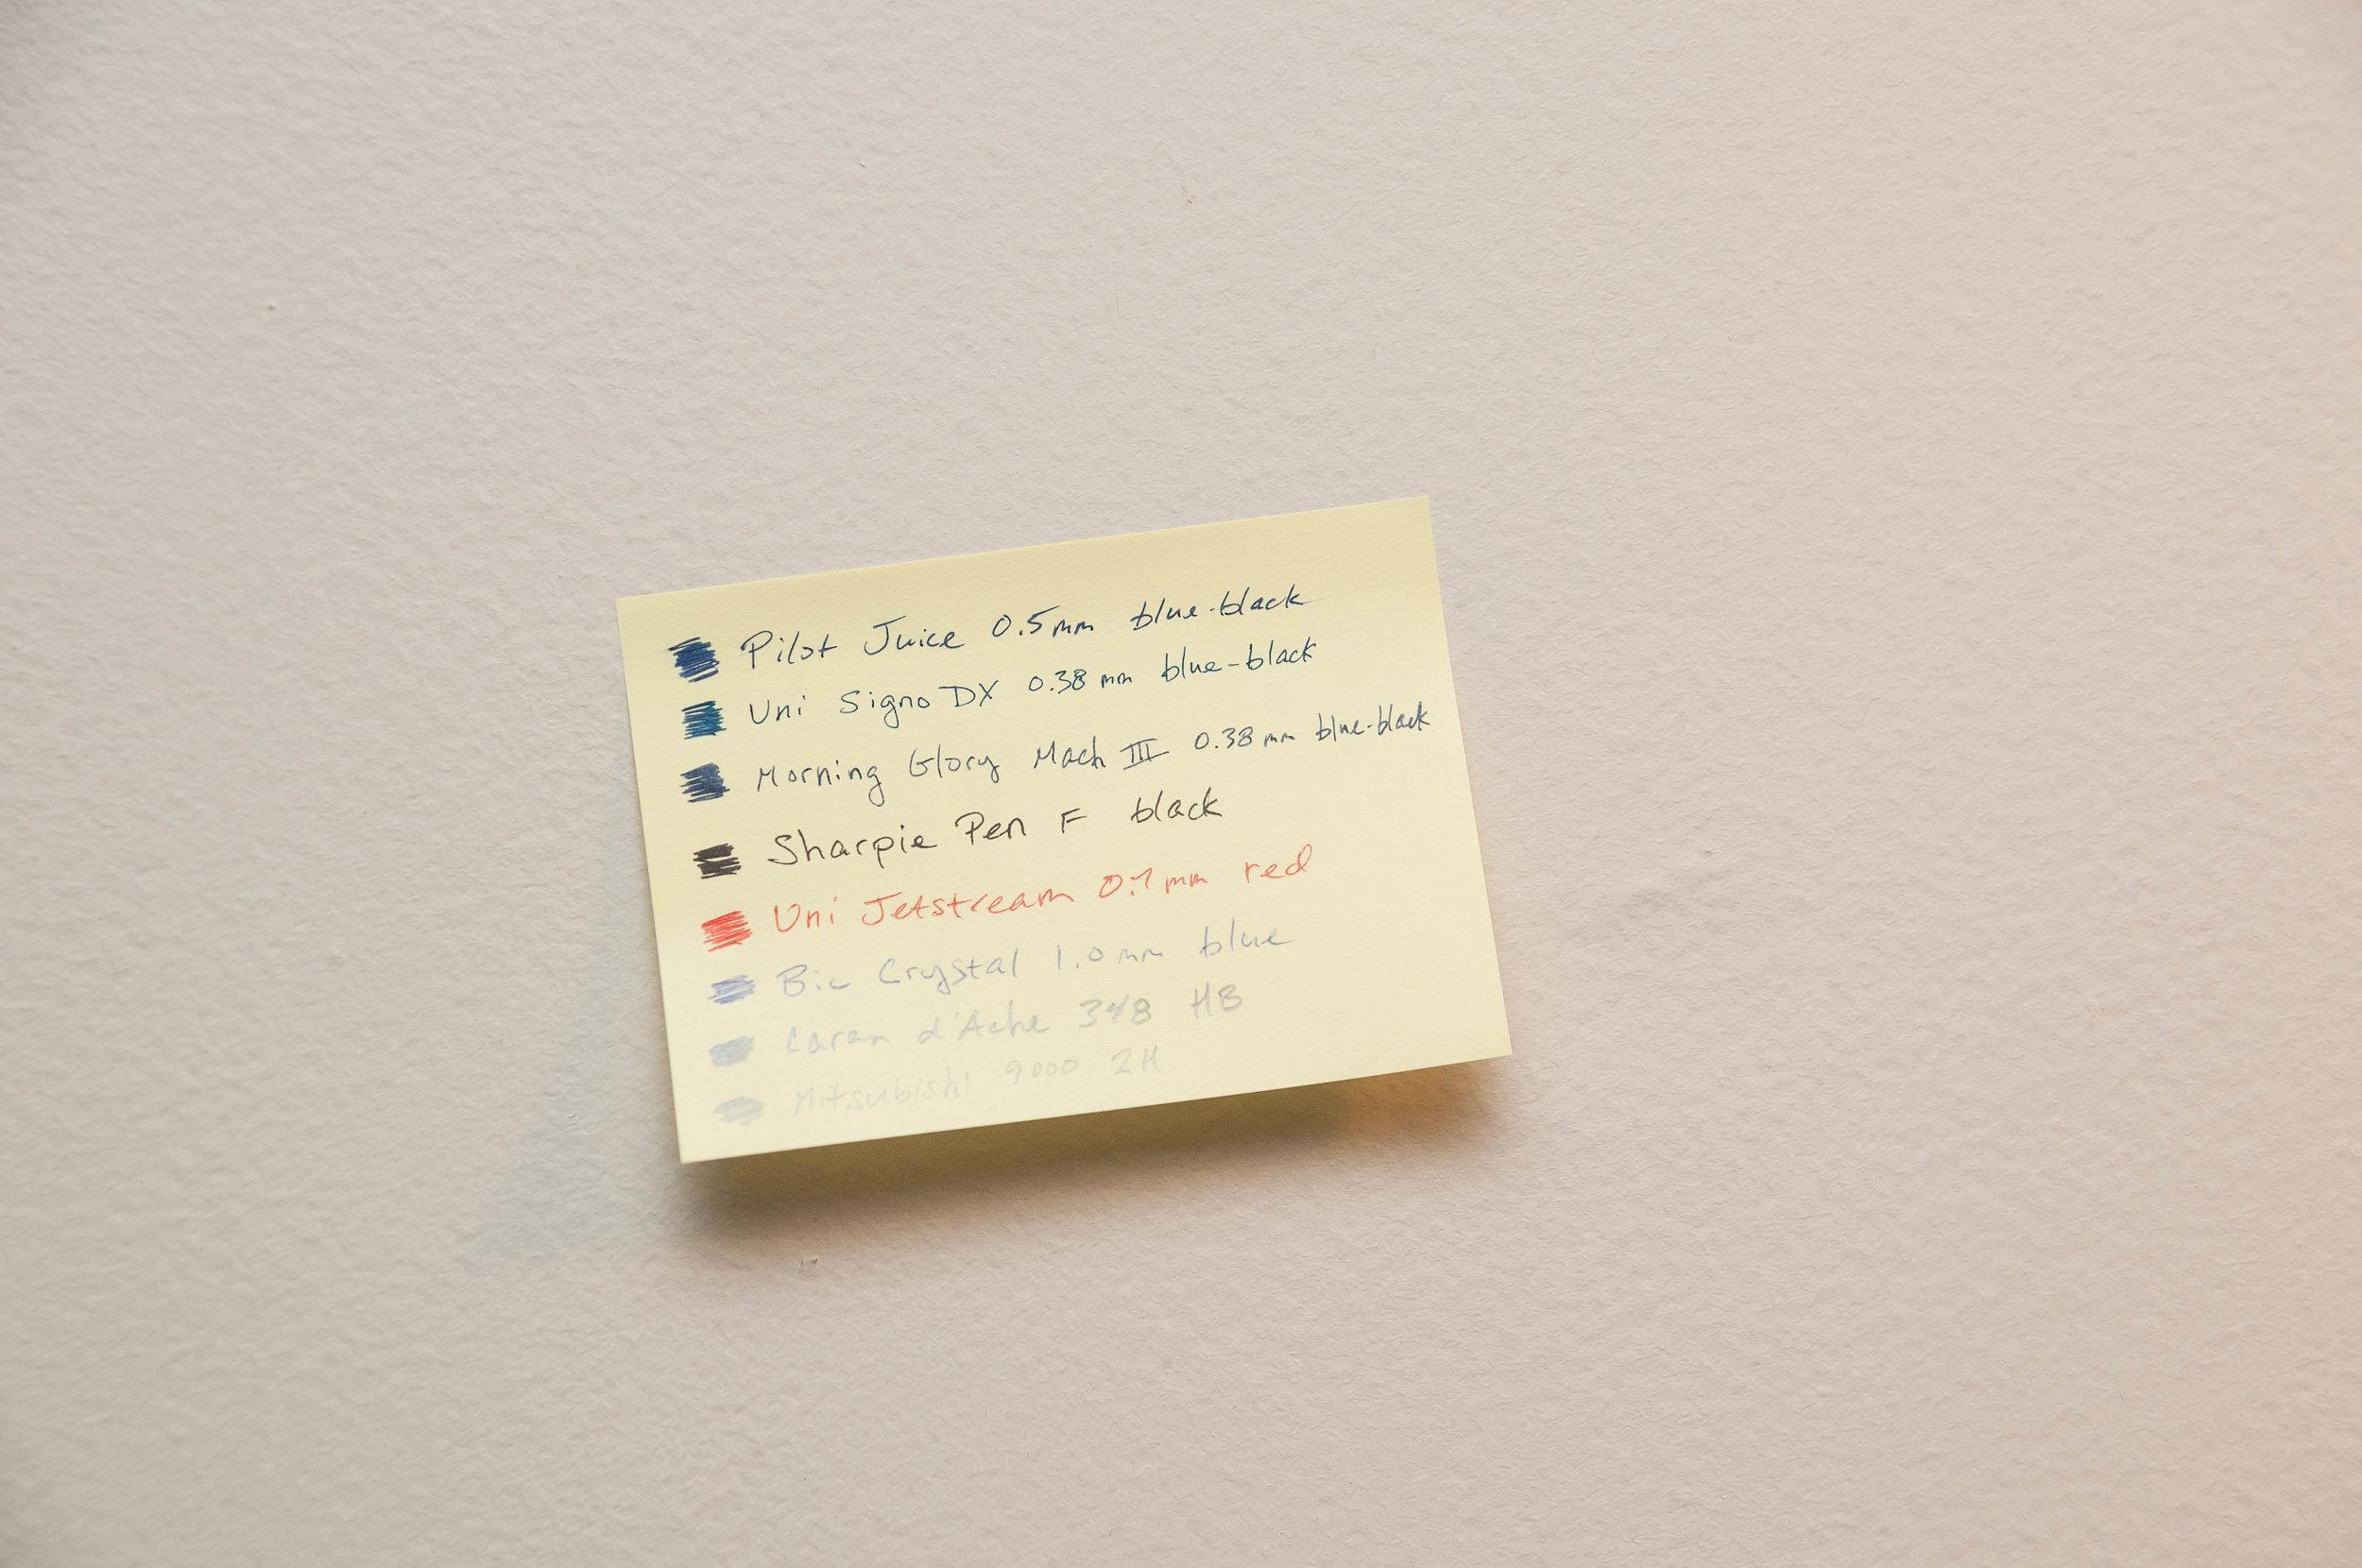 Kokuyo Tack Memo Sticky Notes Wall